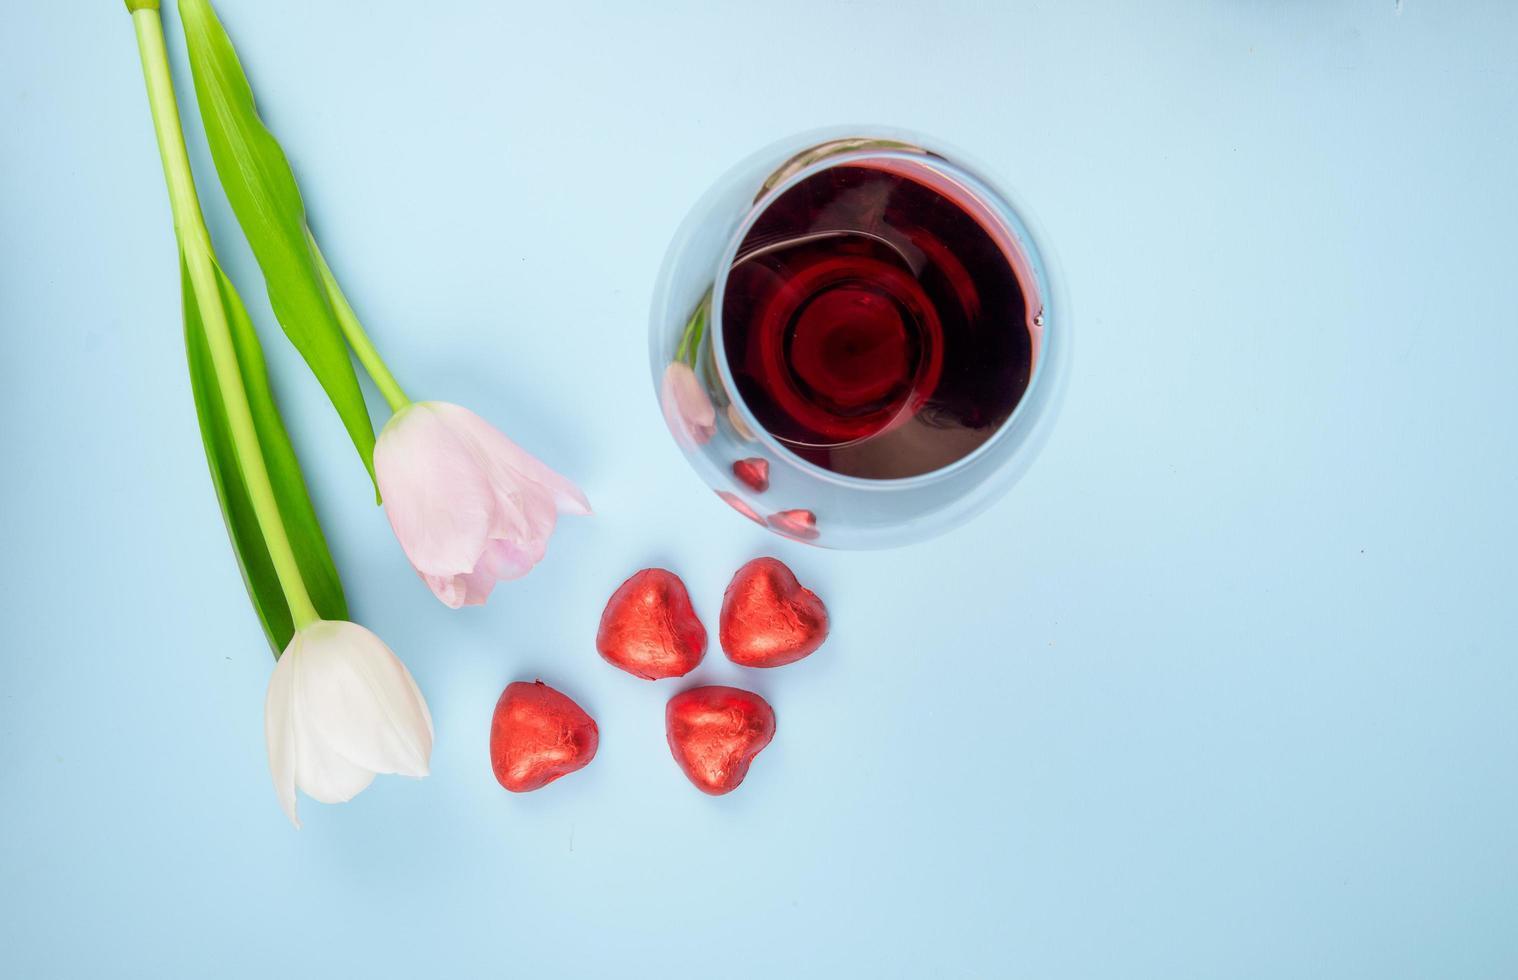 Tulpenblumen mit verstreuten herzförmigen Bonbons und einem Glas Wein auf blauem Hintergrund foto